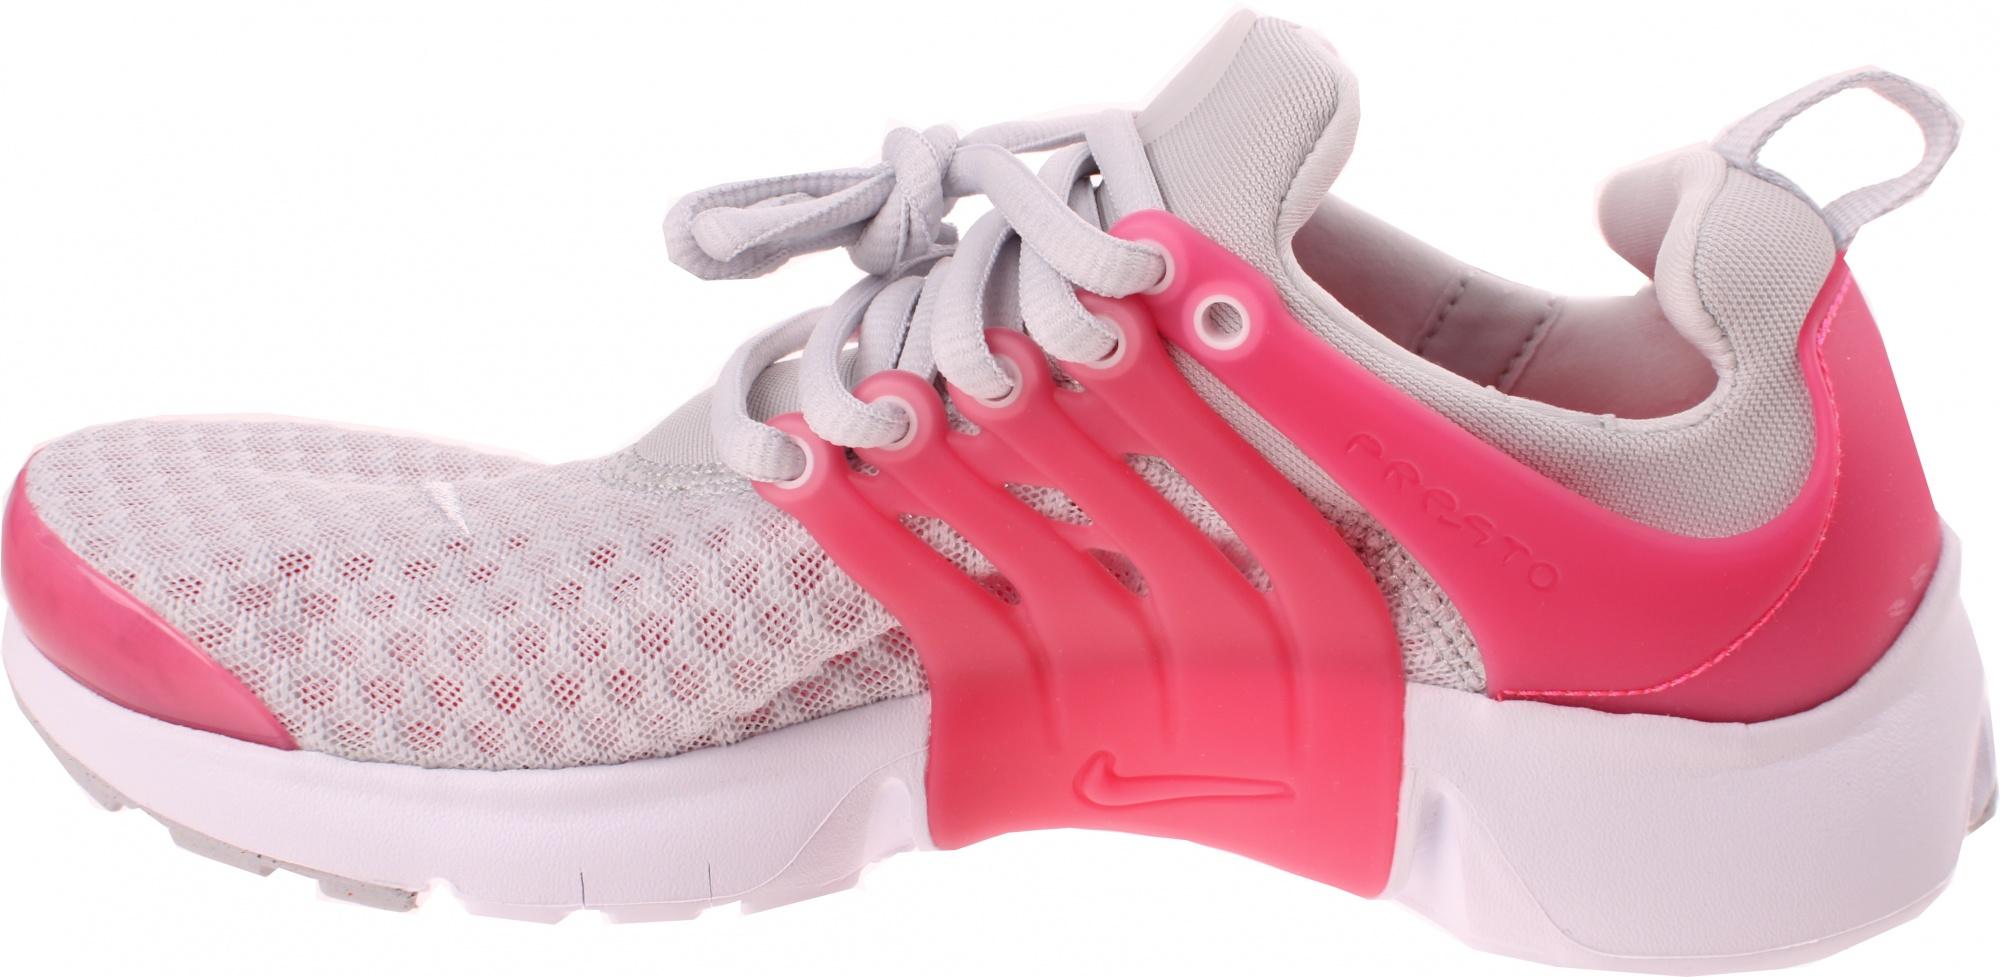 4d53f467781 nike_sneakers_presto_breathe_gs_dames_grijs_roze_3_203407.jpg